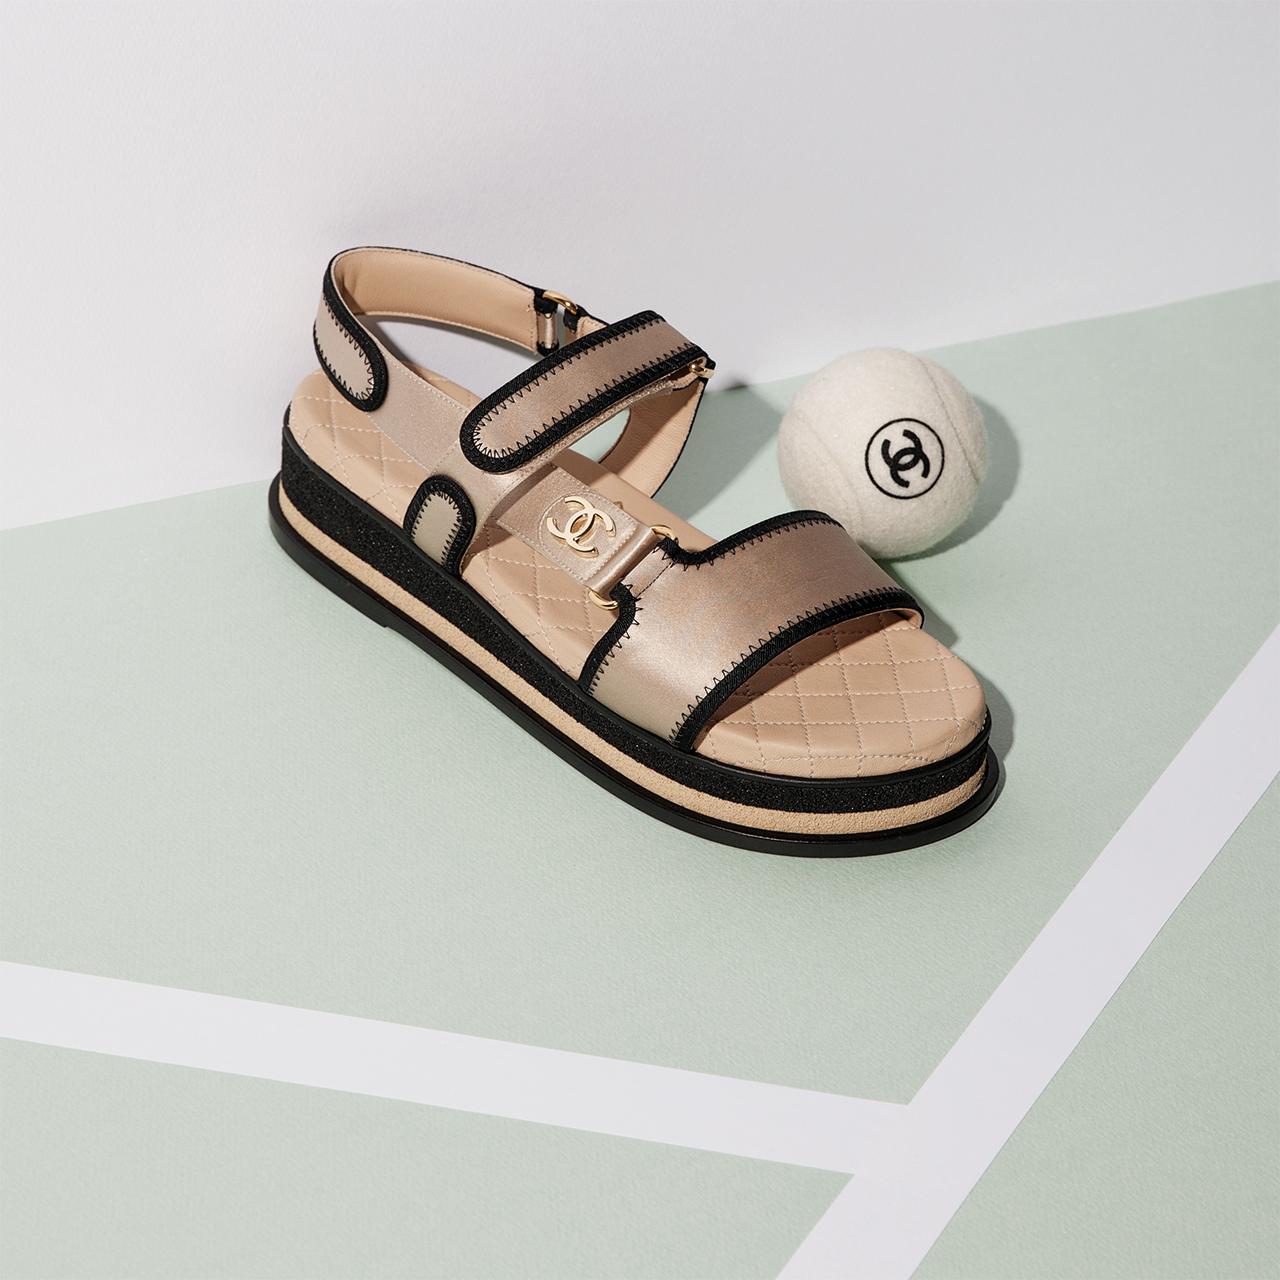 클래식한 디자인이 돋보이는 새틴 소재의 샌들, 테니스 볼은 모두 가격 미정으로 Chanel